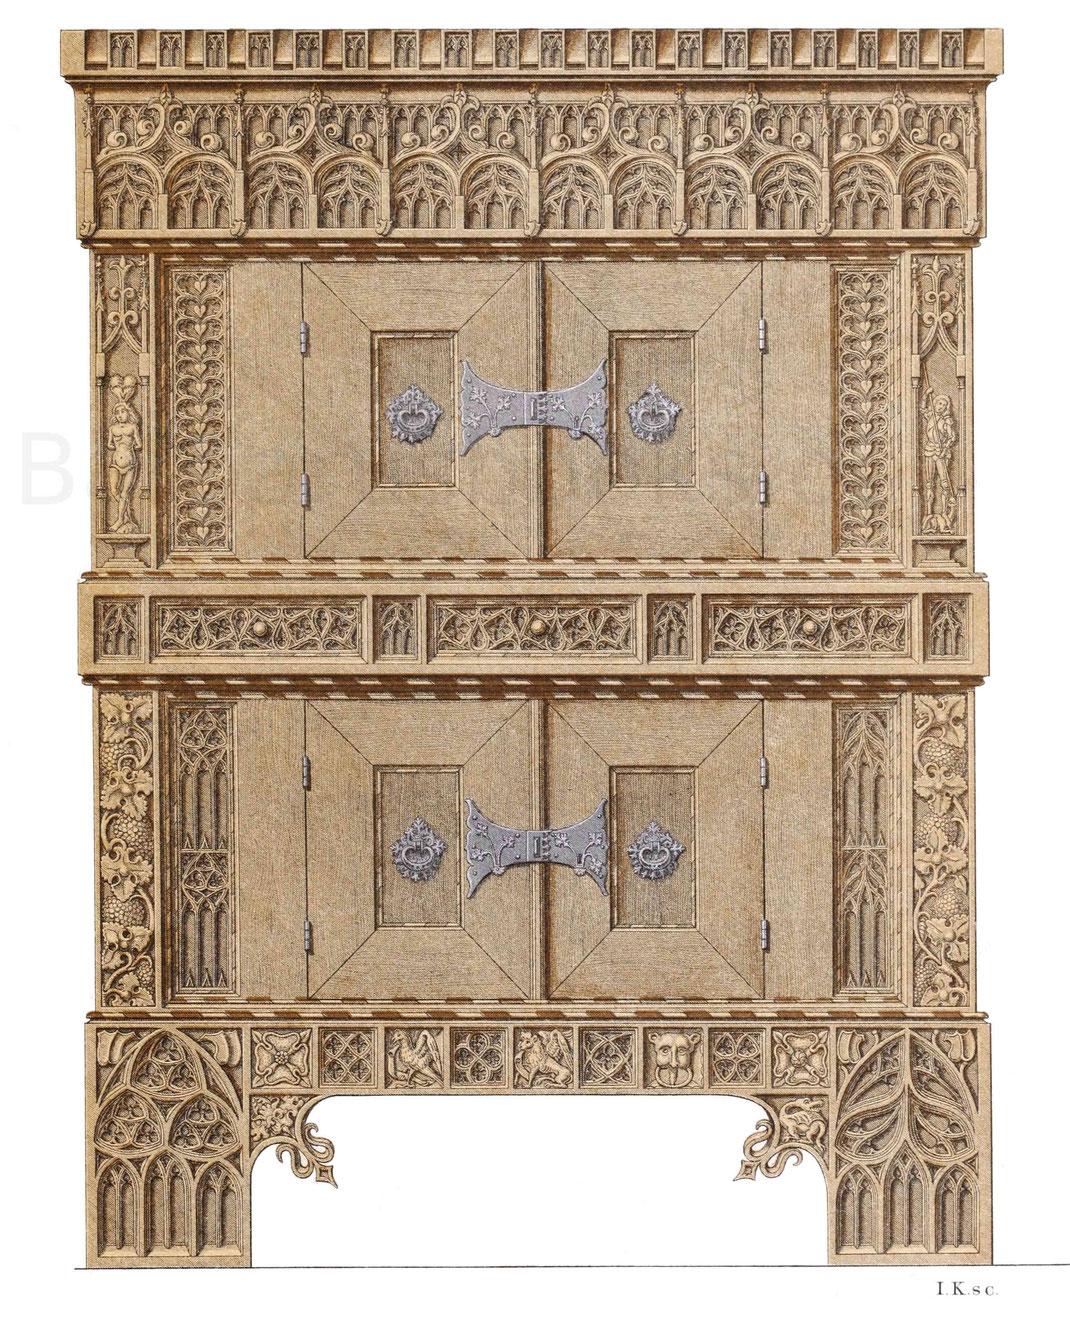 Schrank aus braunem Holz, im Besitz des Germanischen Museums in Nürnberg.